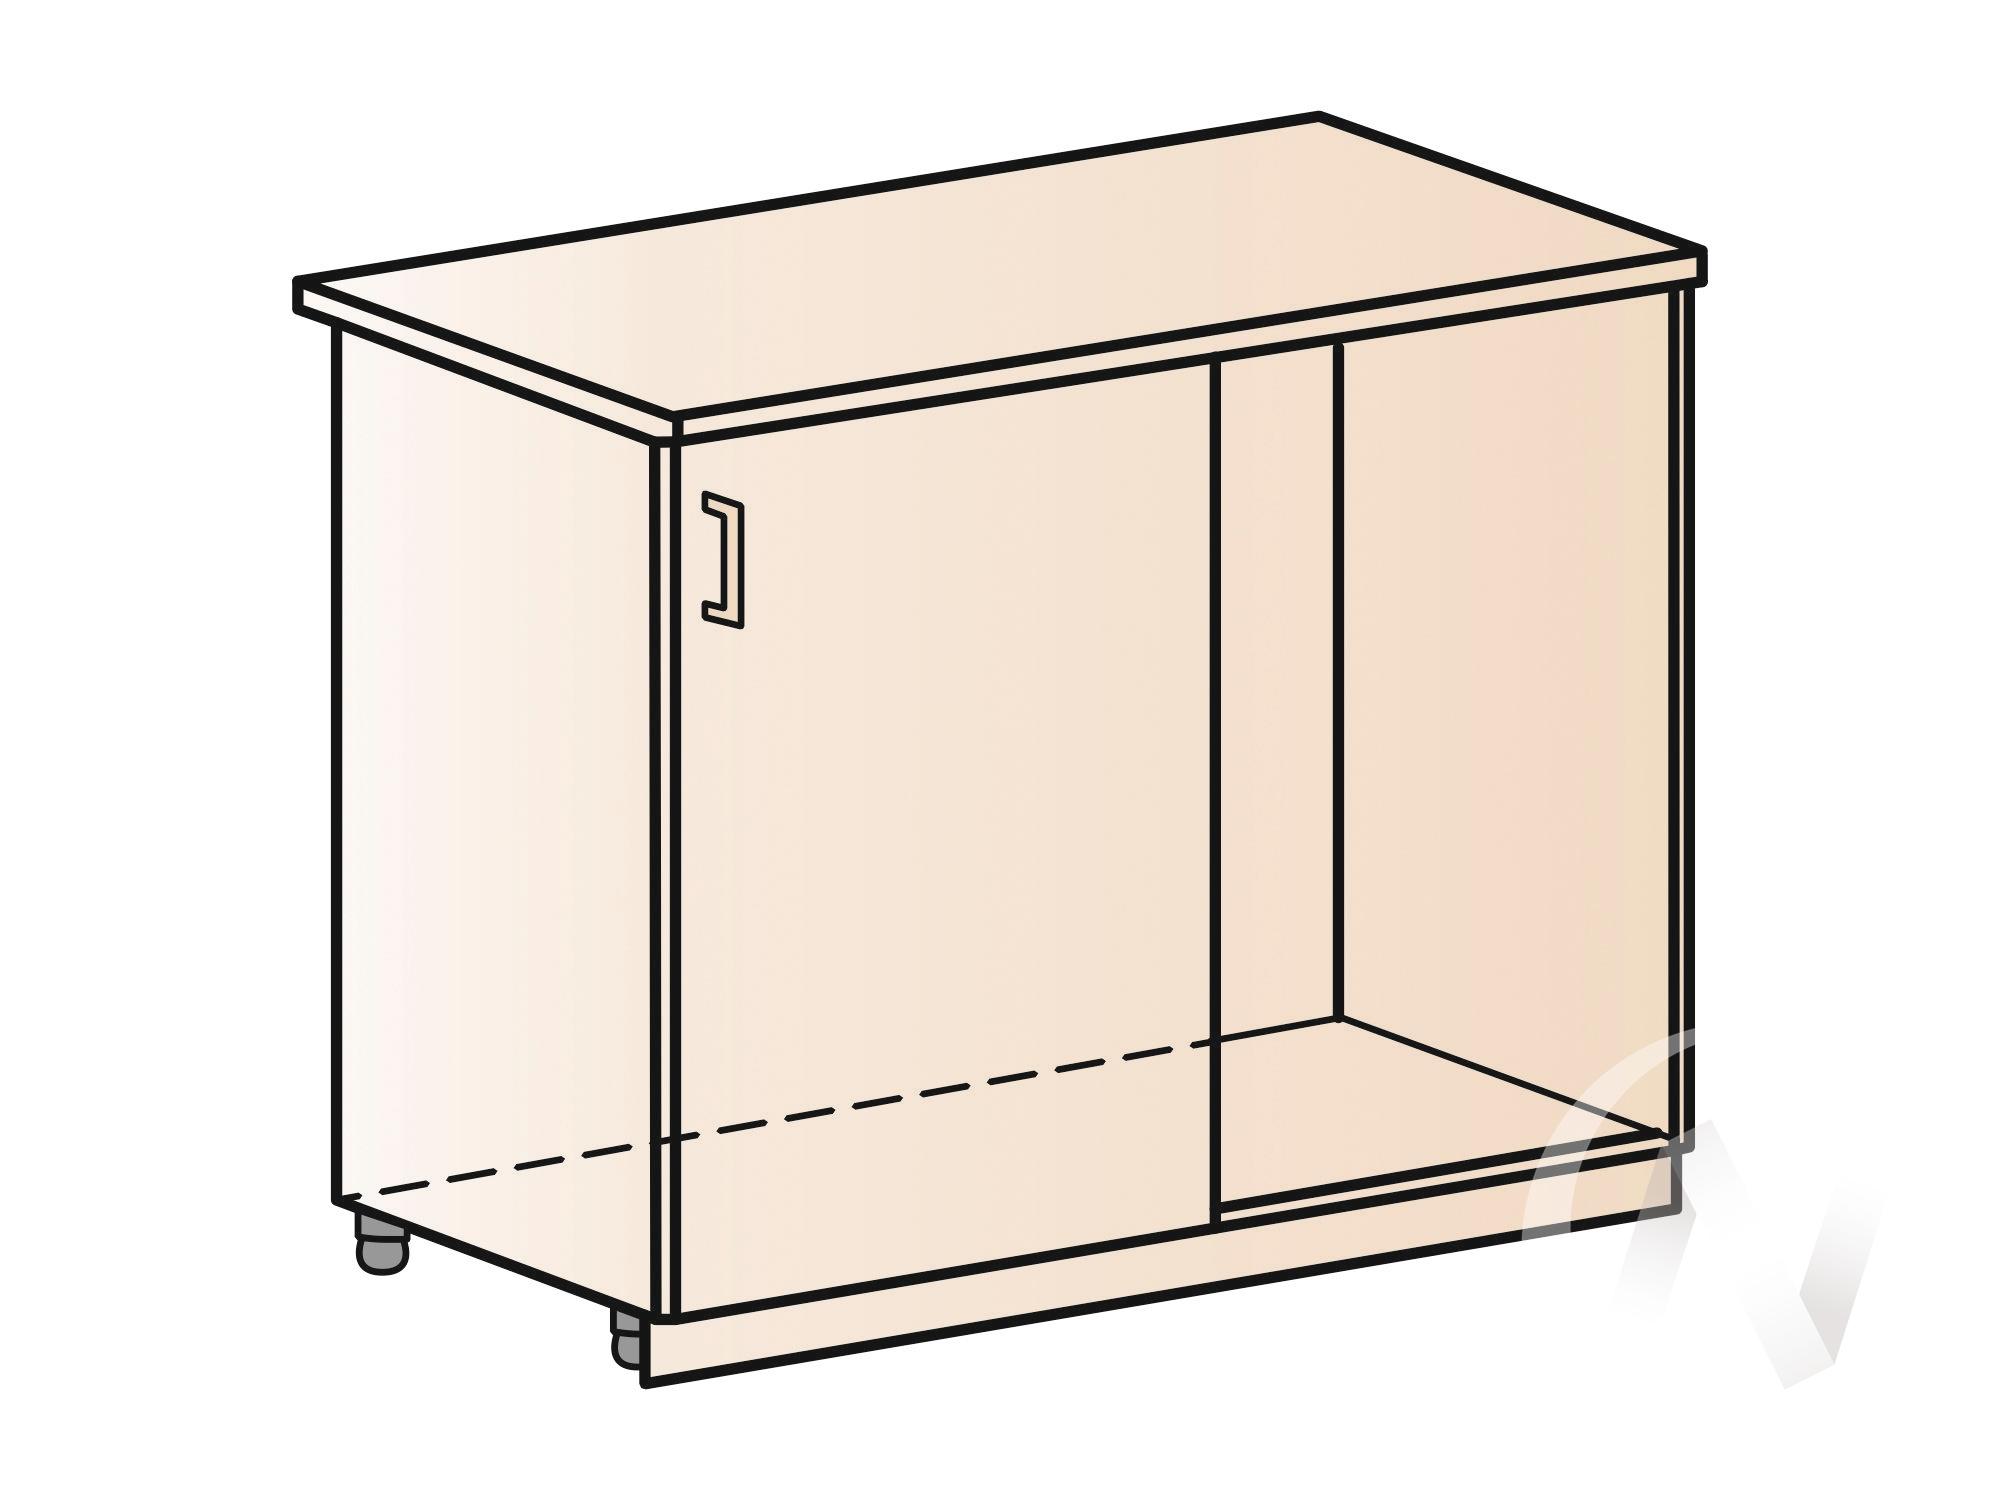 """Кухня """"Струна"""": Шкаф нижний левый угловой 990М, ШНУ 990М (фиолетовый металлик/корпус белый) в Томске — авторская мебель Экостиль"""